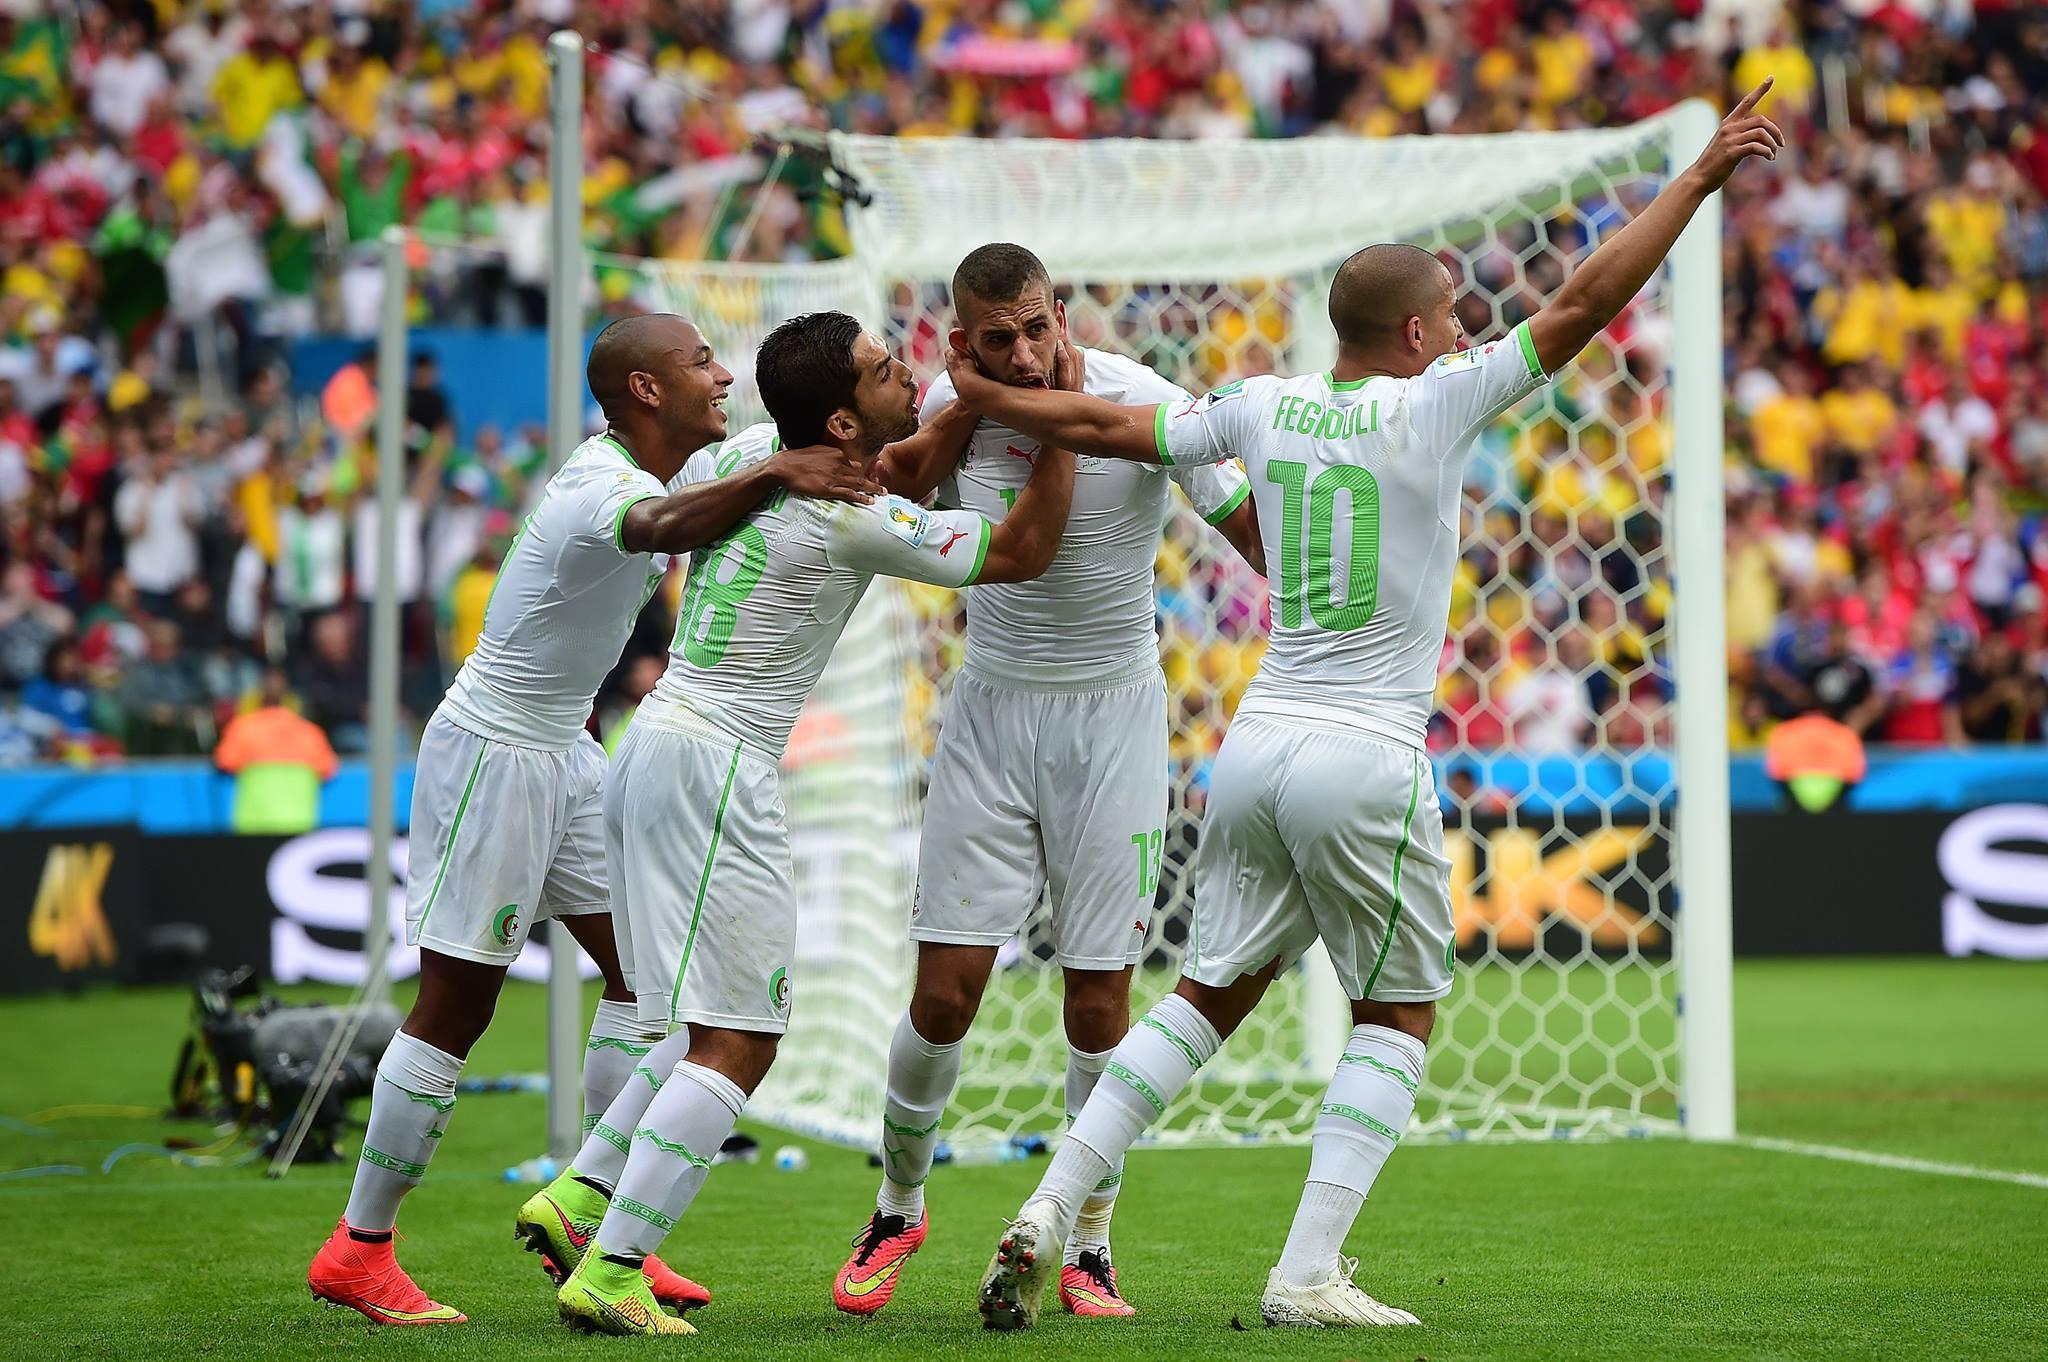 Match Corée du Sud Vs Algérie - Résultat final: 2-4